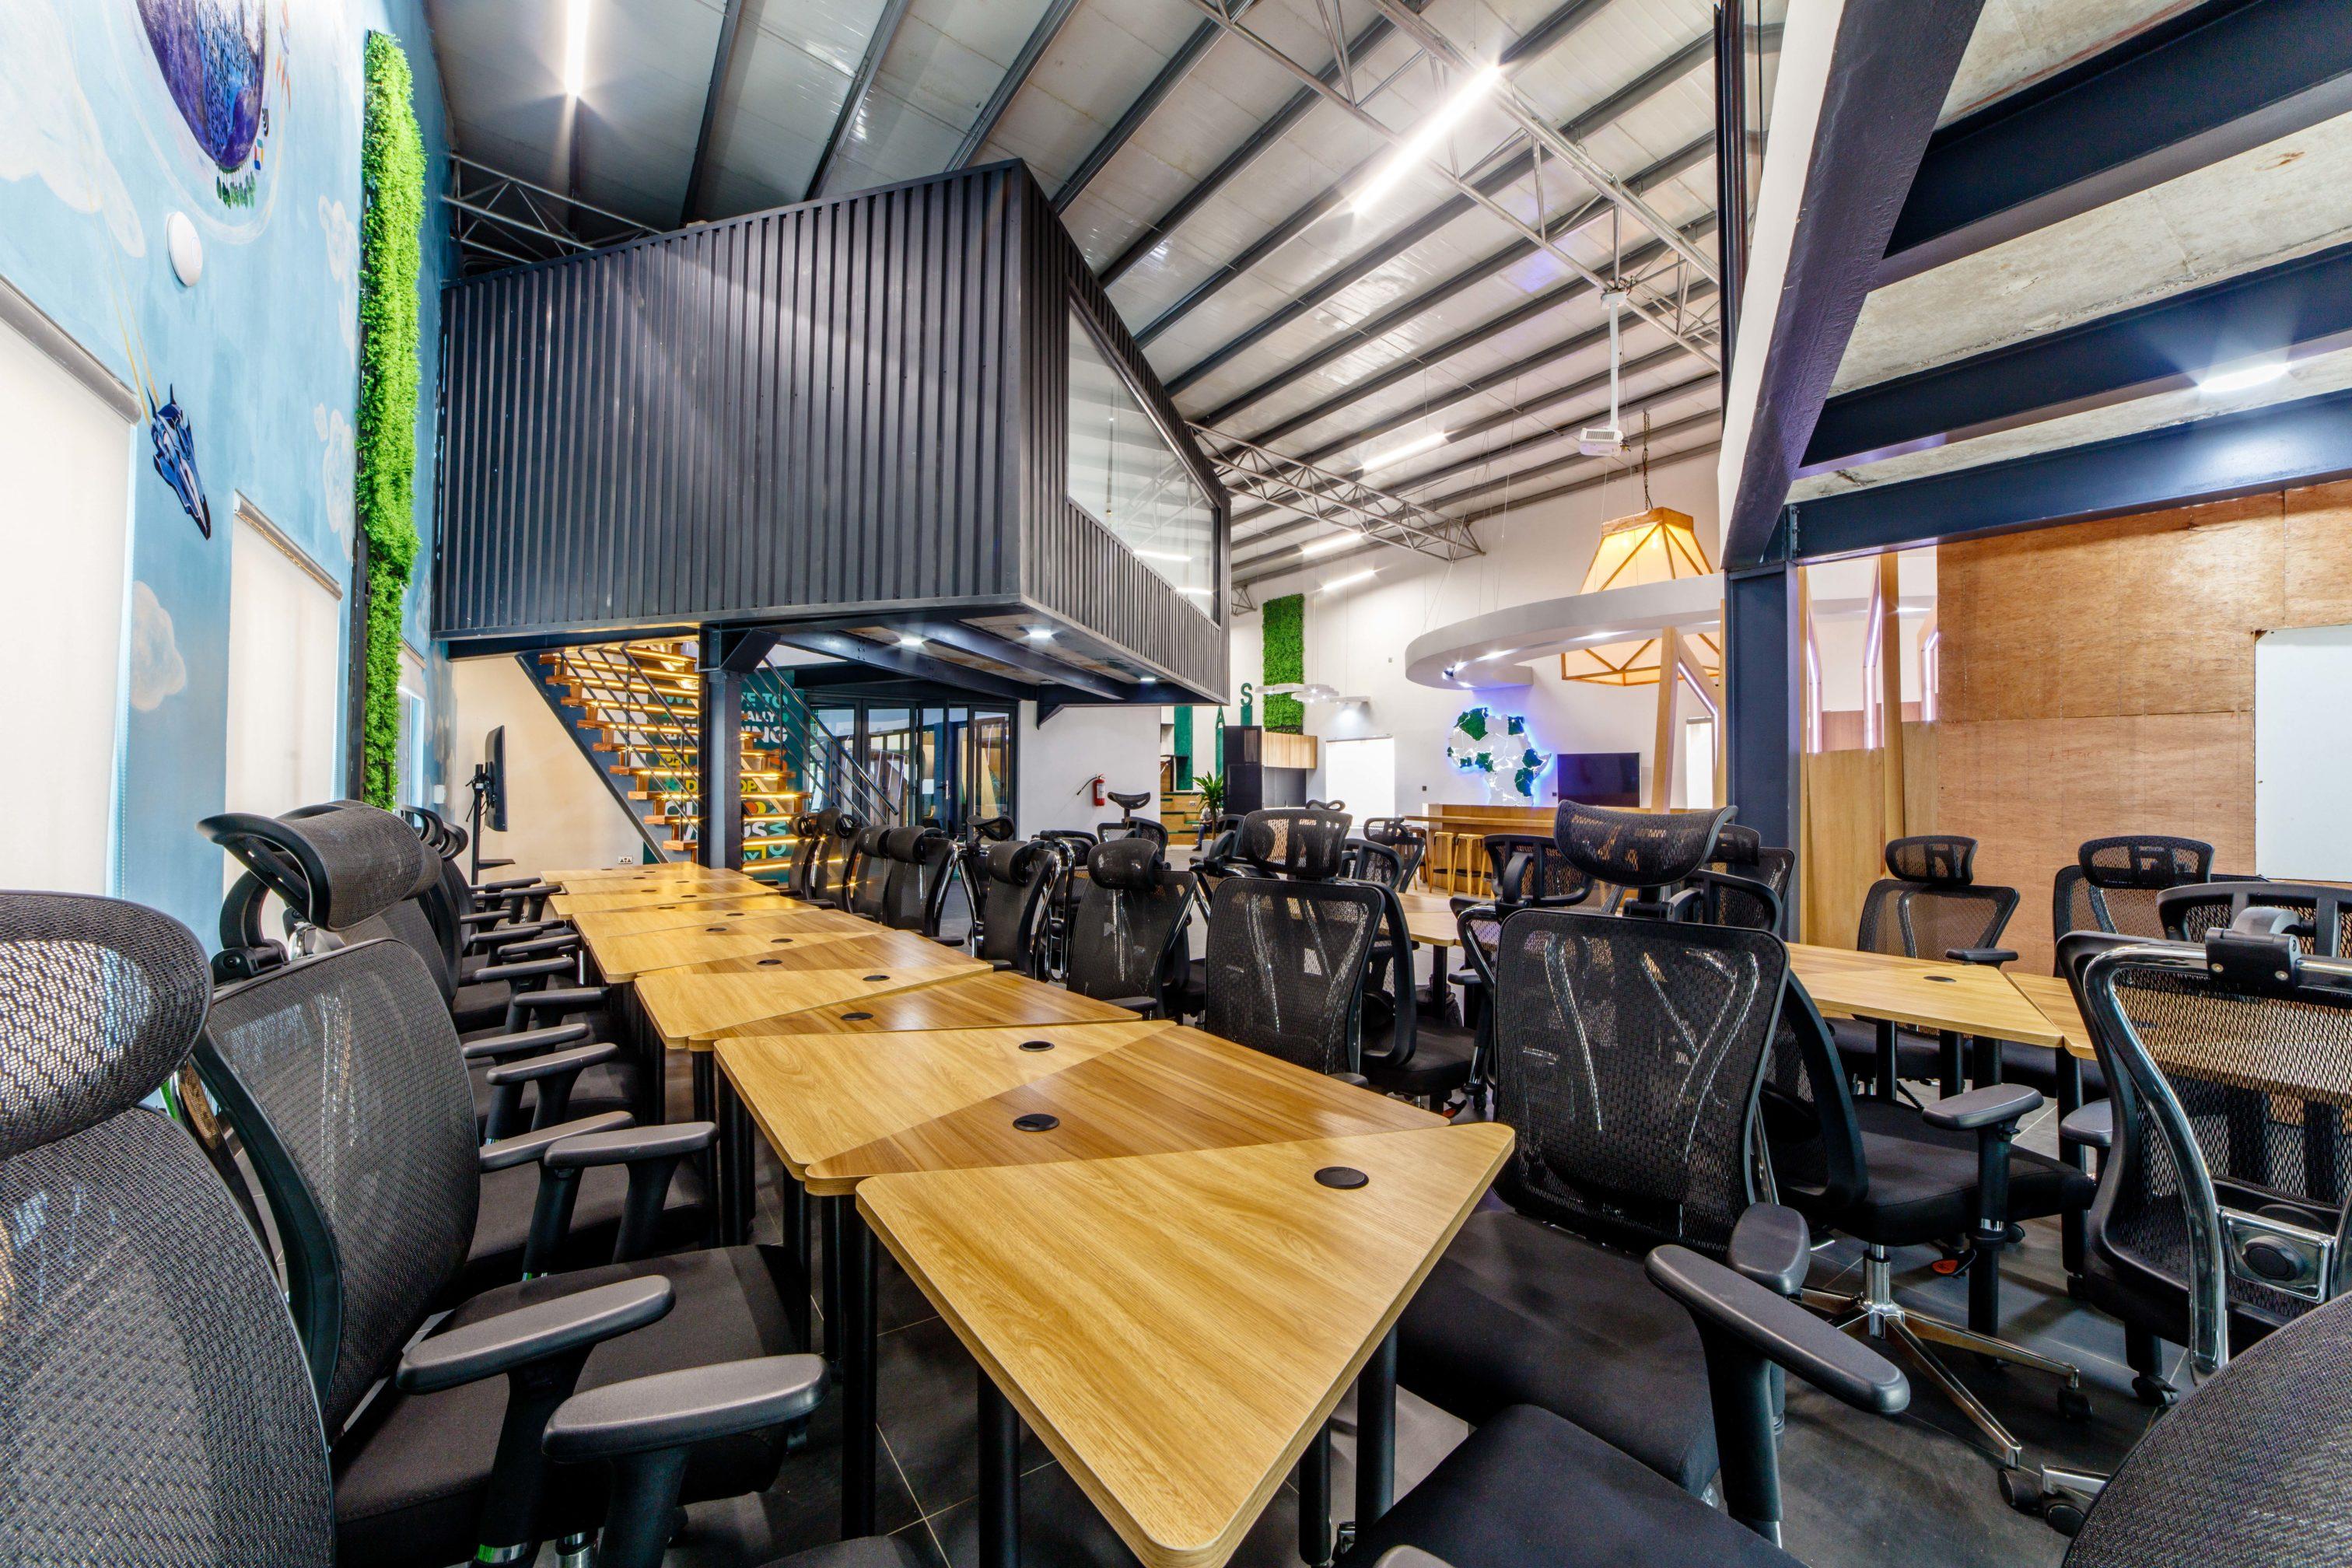 event centres in Lagos, Nigeria